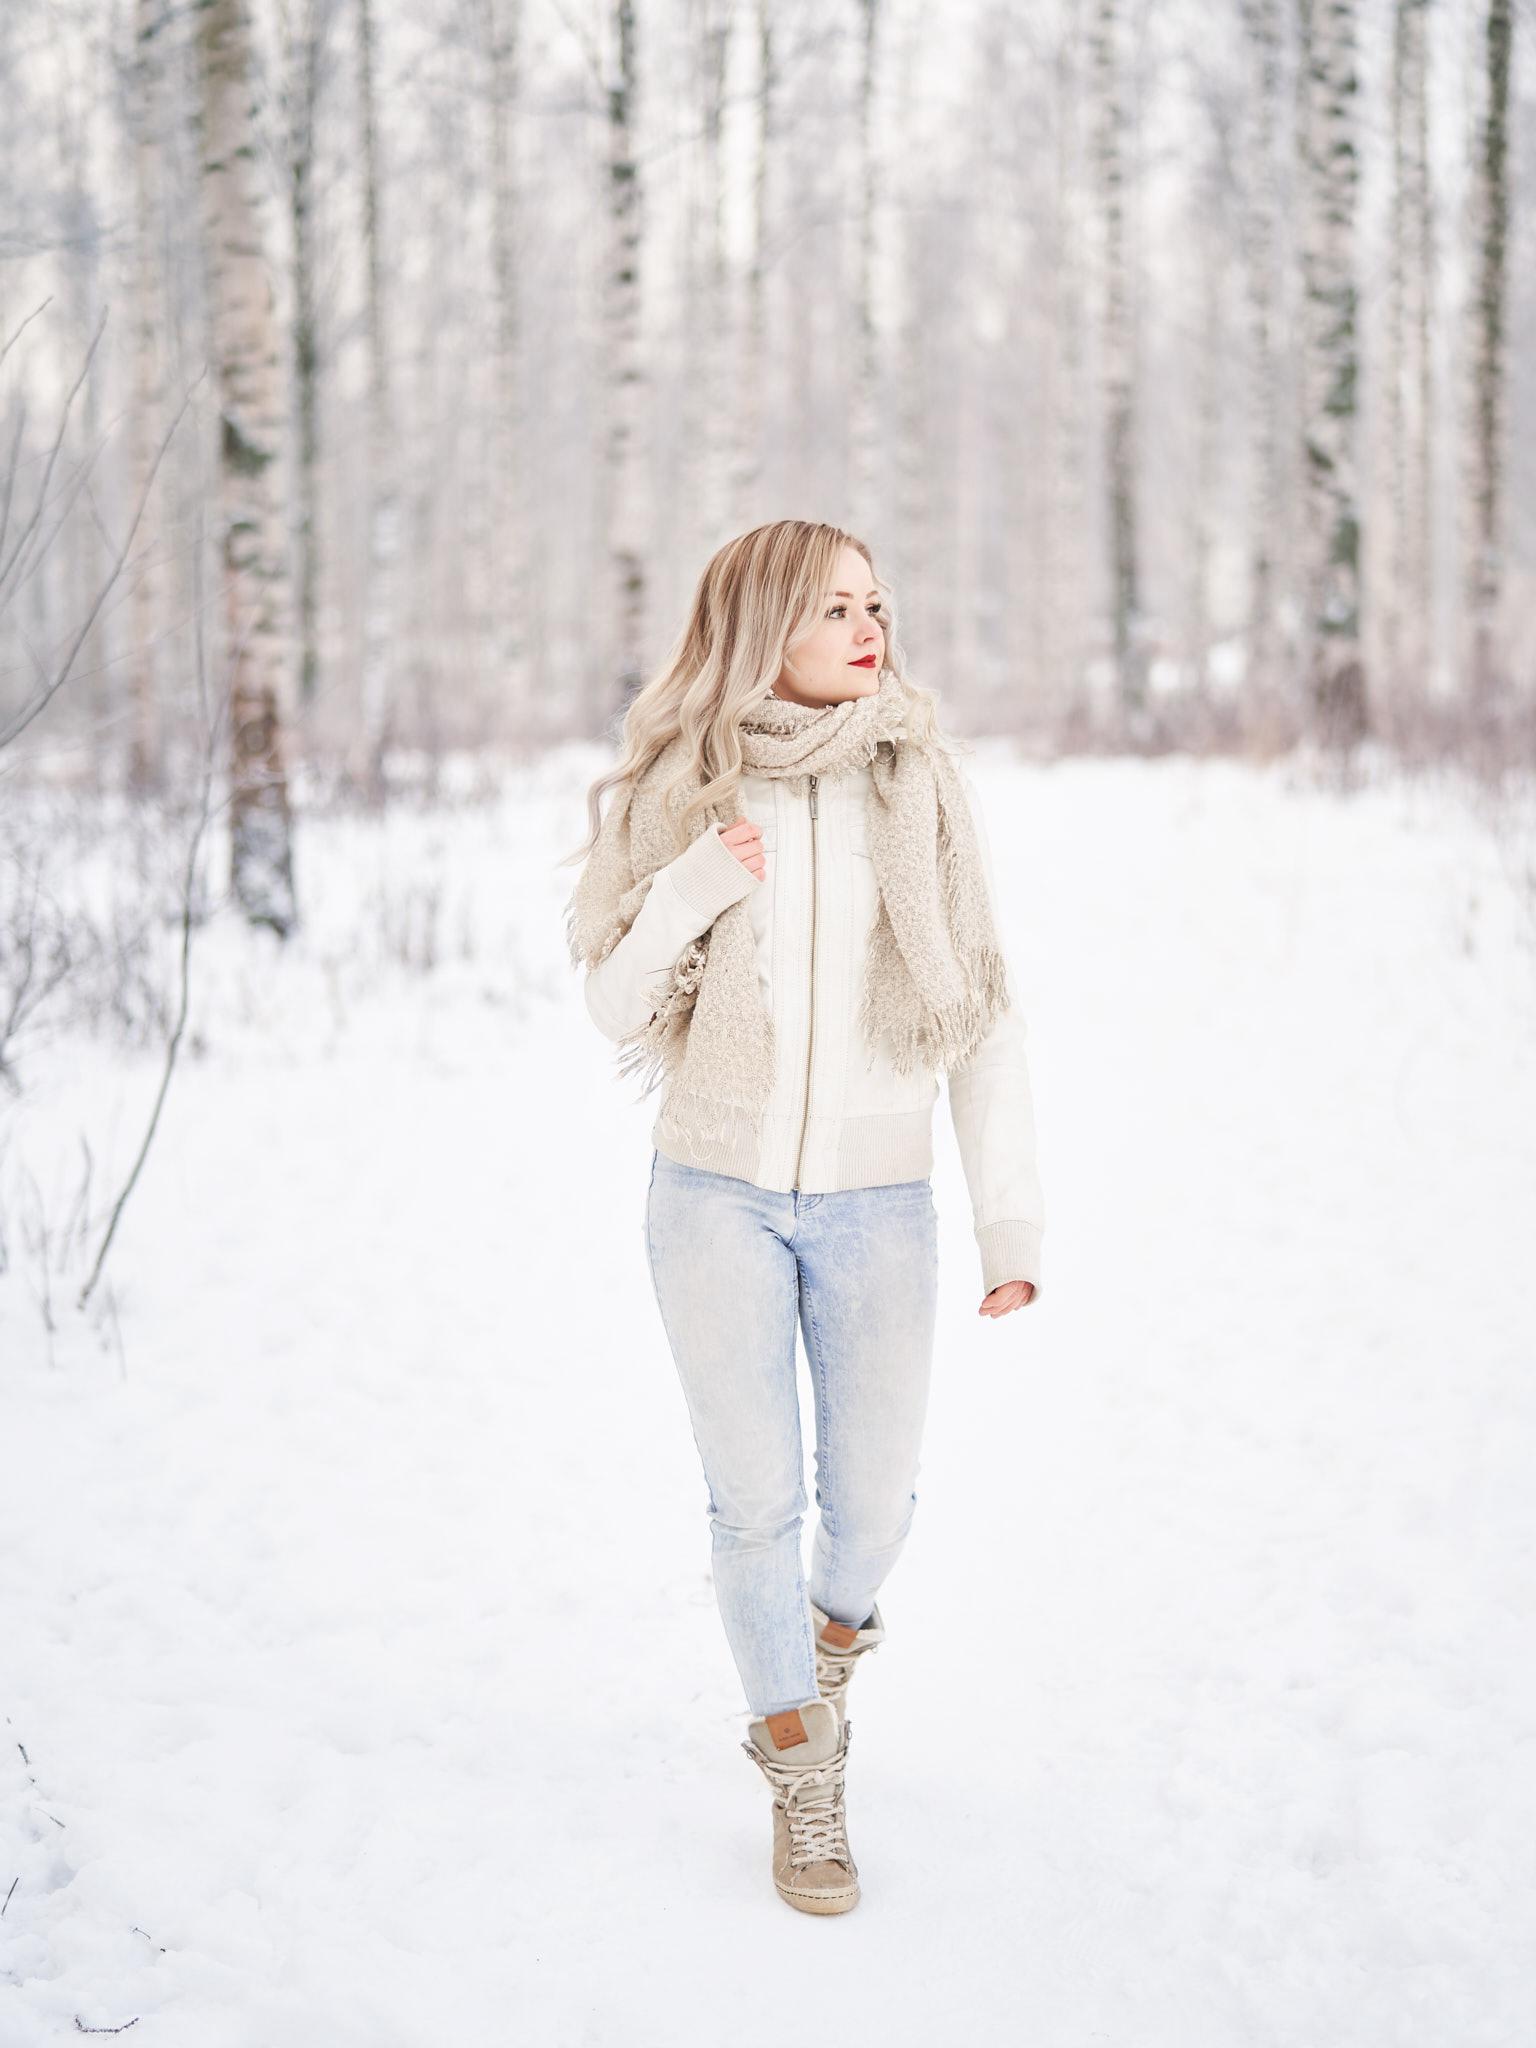 Nainen kävelee talvisessa metsässä ja katselee ympärilleen.